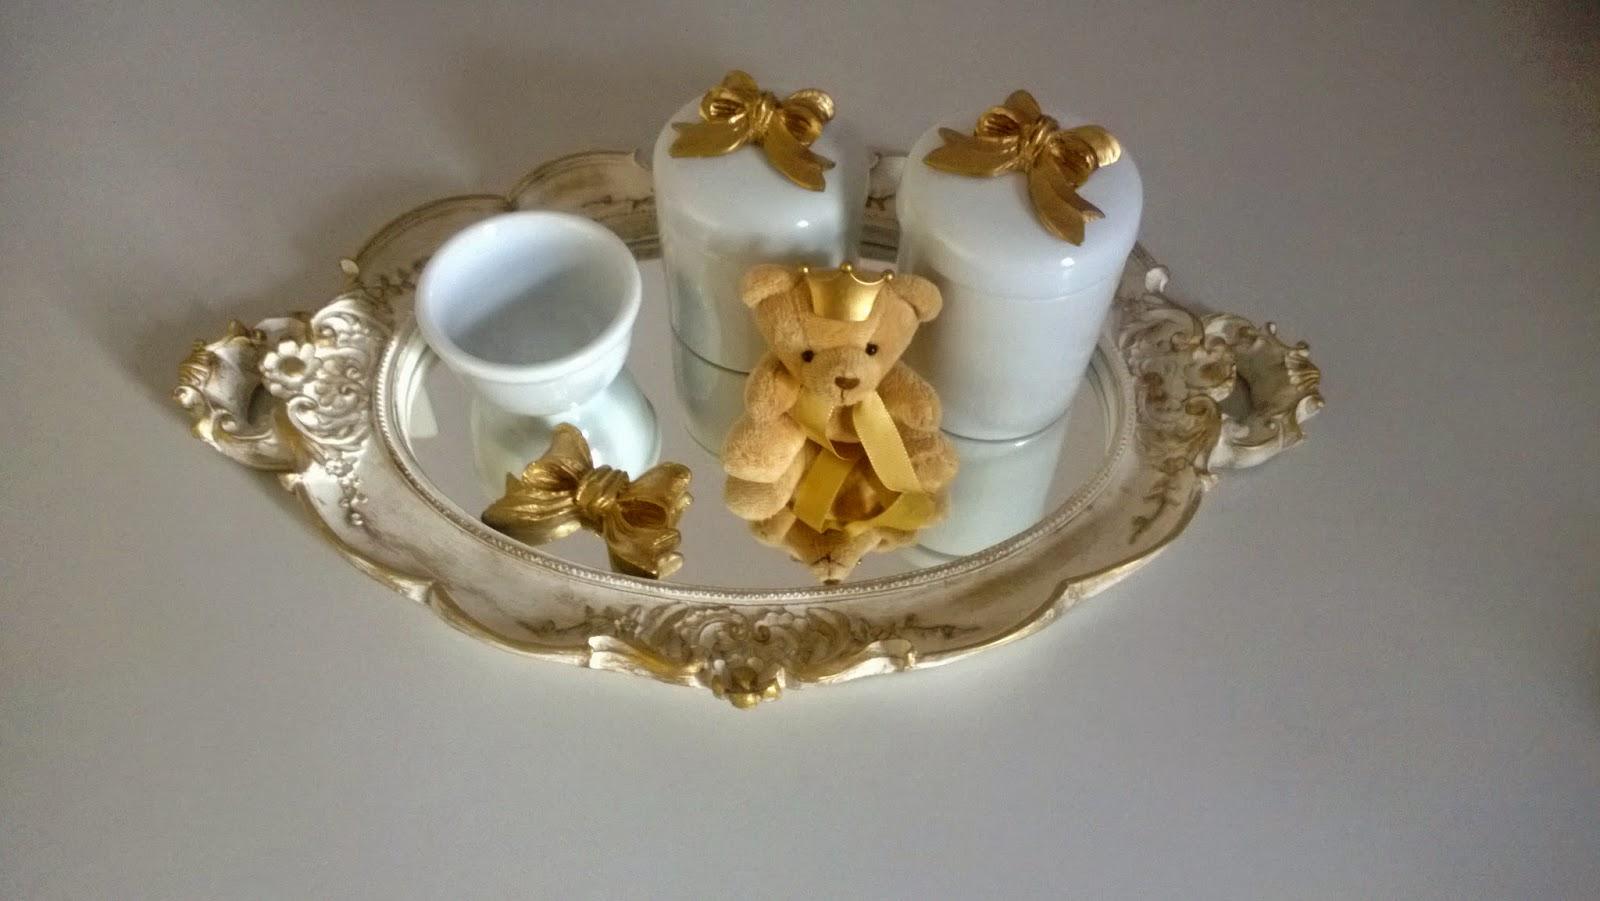 Aparador Negro Marron ~ Artesama Artesanato em MDF Kit higi u00eanico em bandeja de resina e com potes de porcelana I